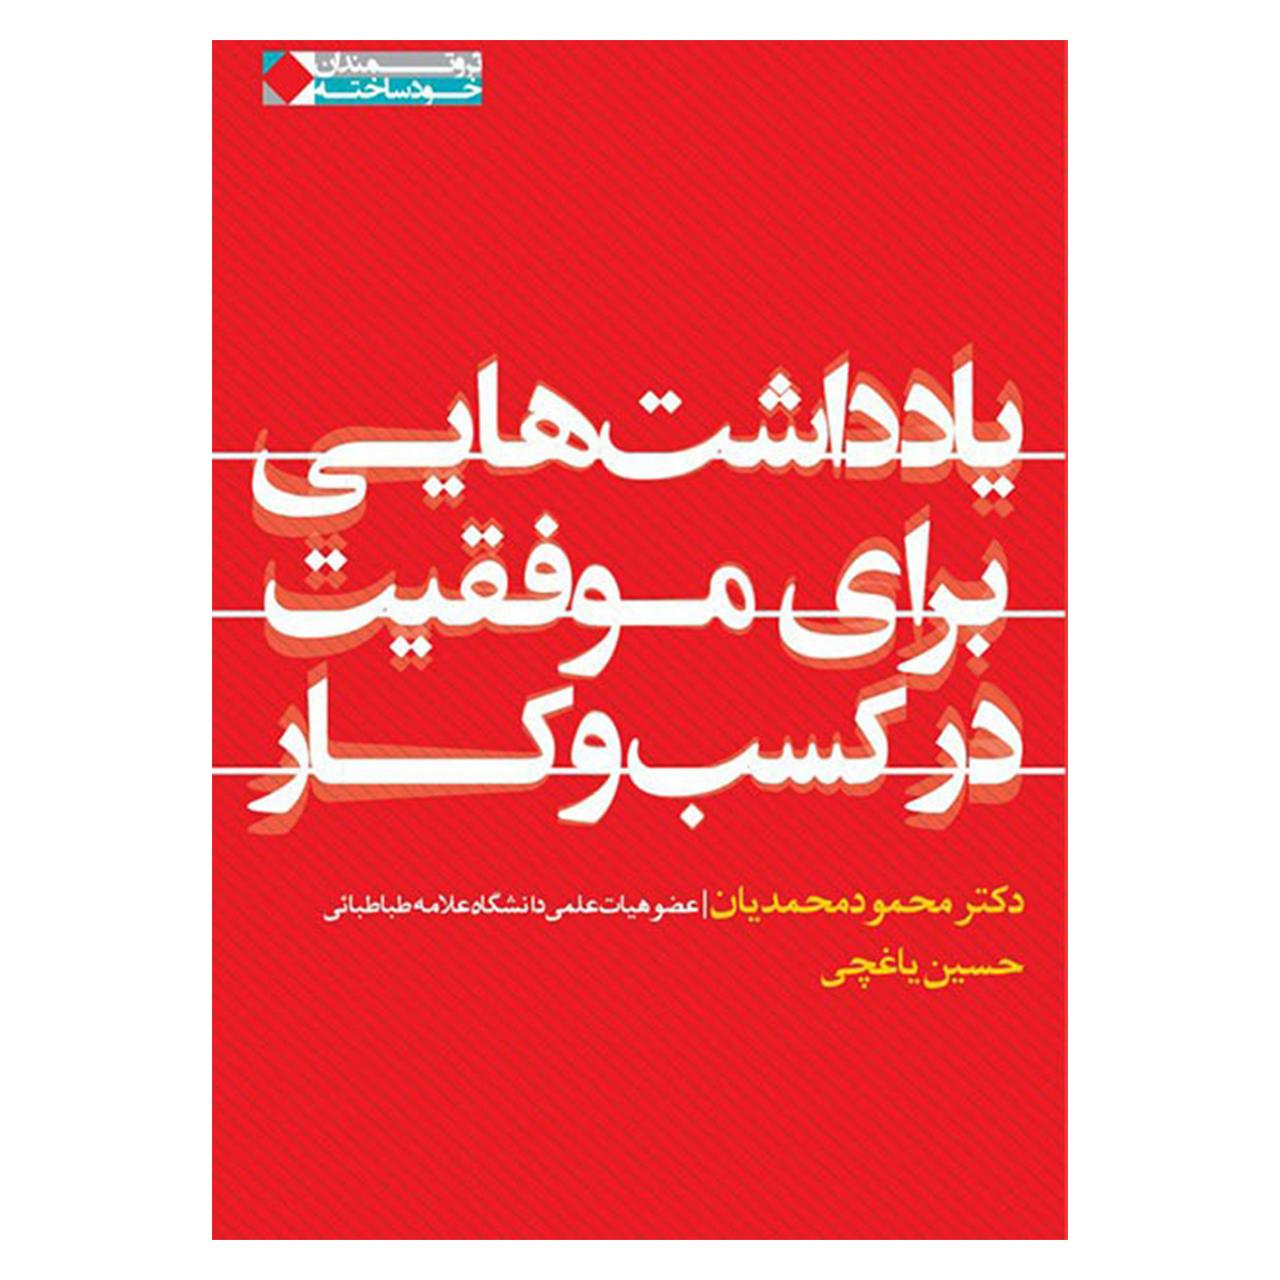 کتاب یادداشت هایی برای موفقیت در کسب و کار اثر دکتر محمود محمدیان و حسین یاغچی انتشارات نگاه نوین